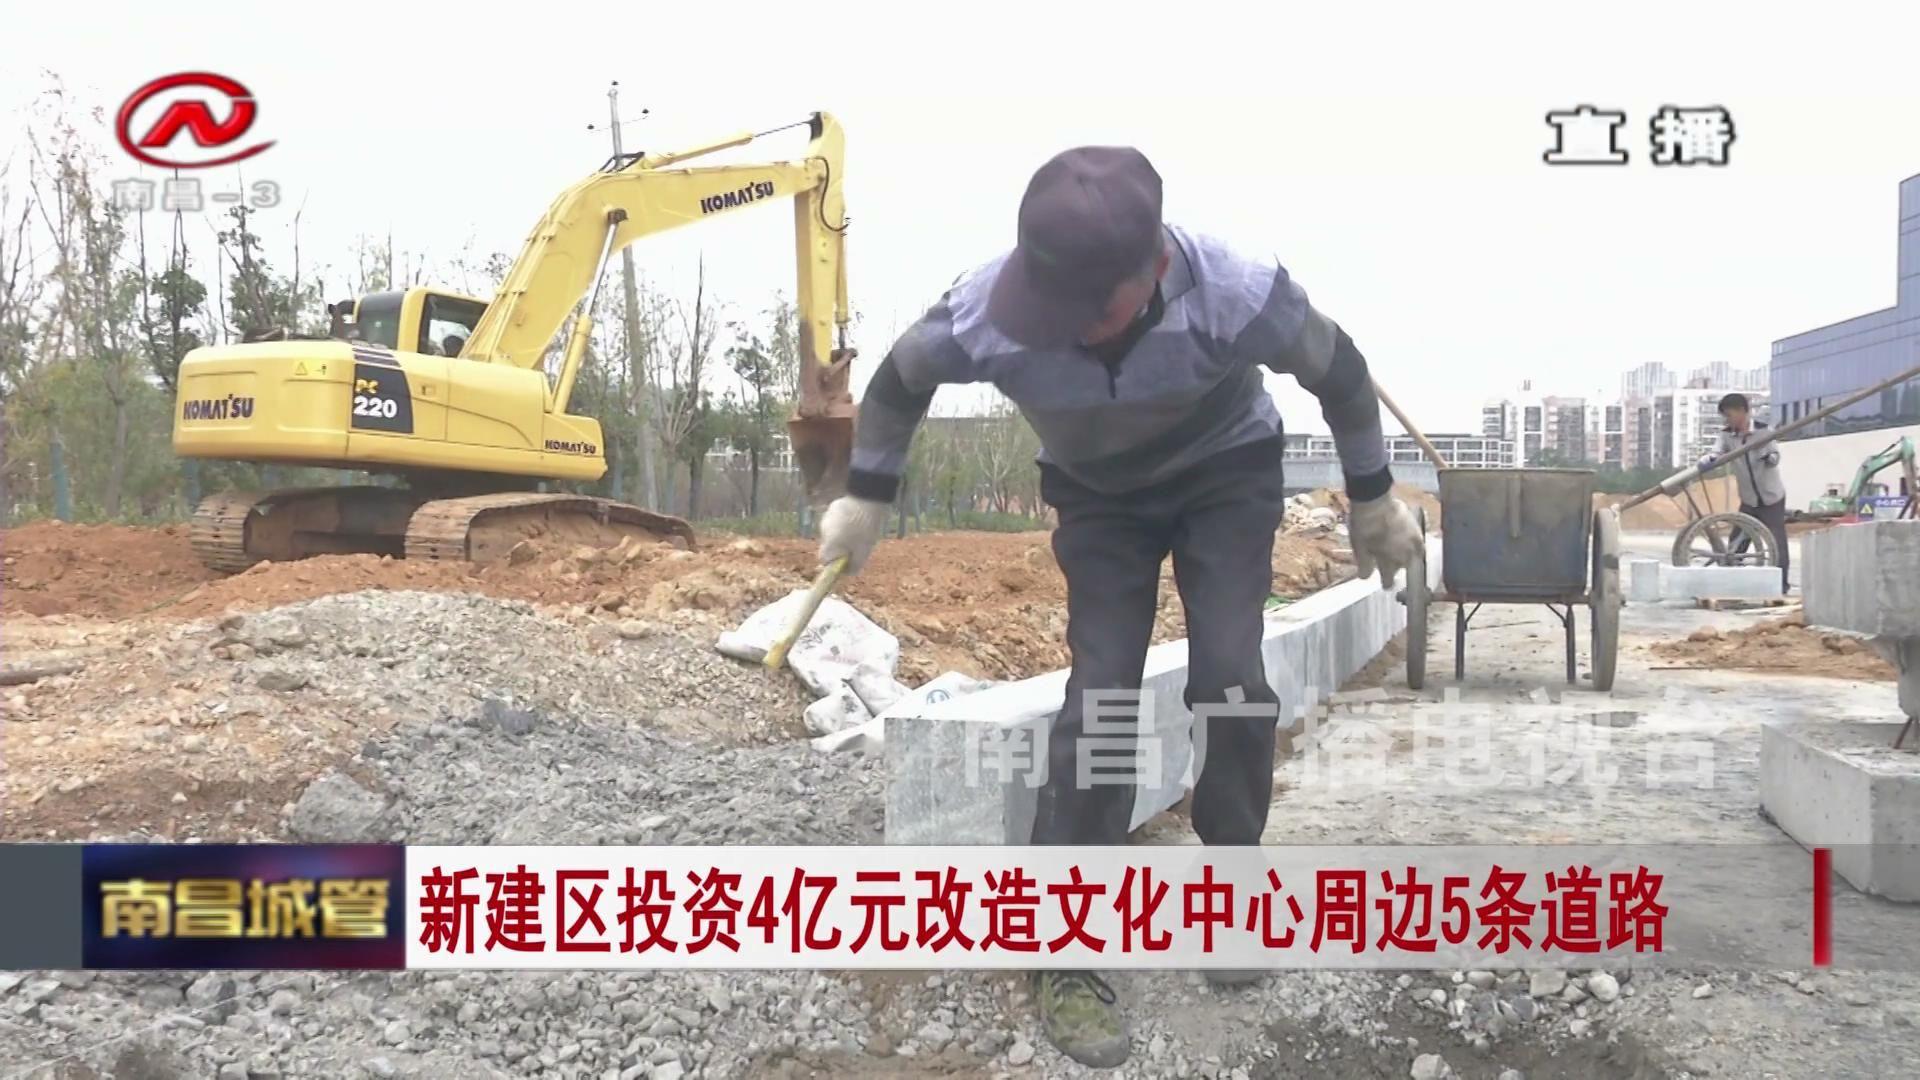 【城管新闻】新建区投资4亿元改造文化中心周边5条道路